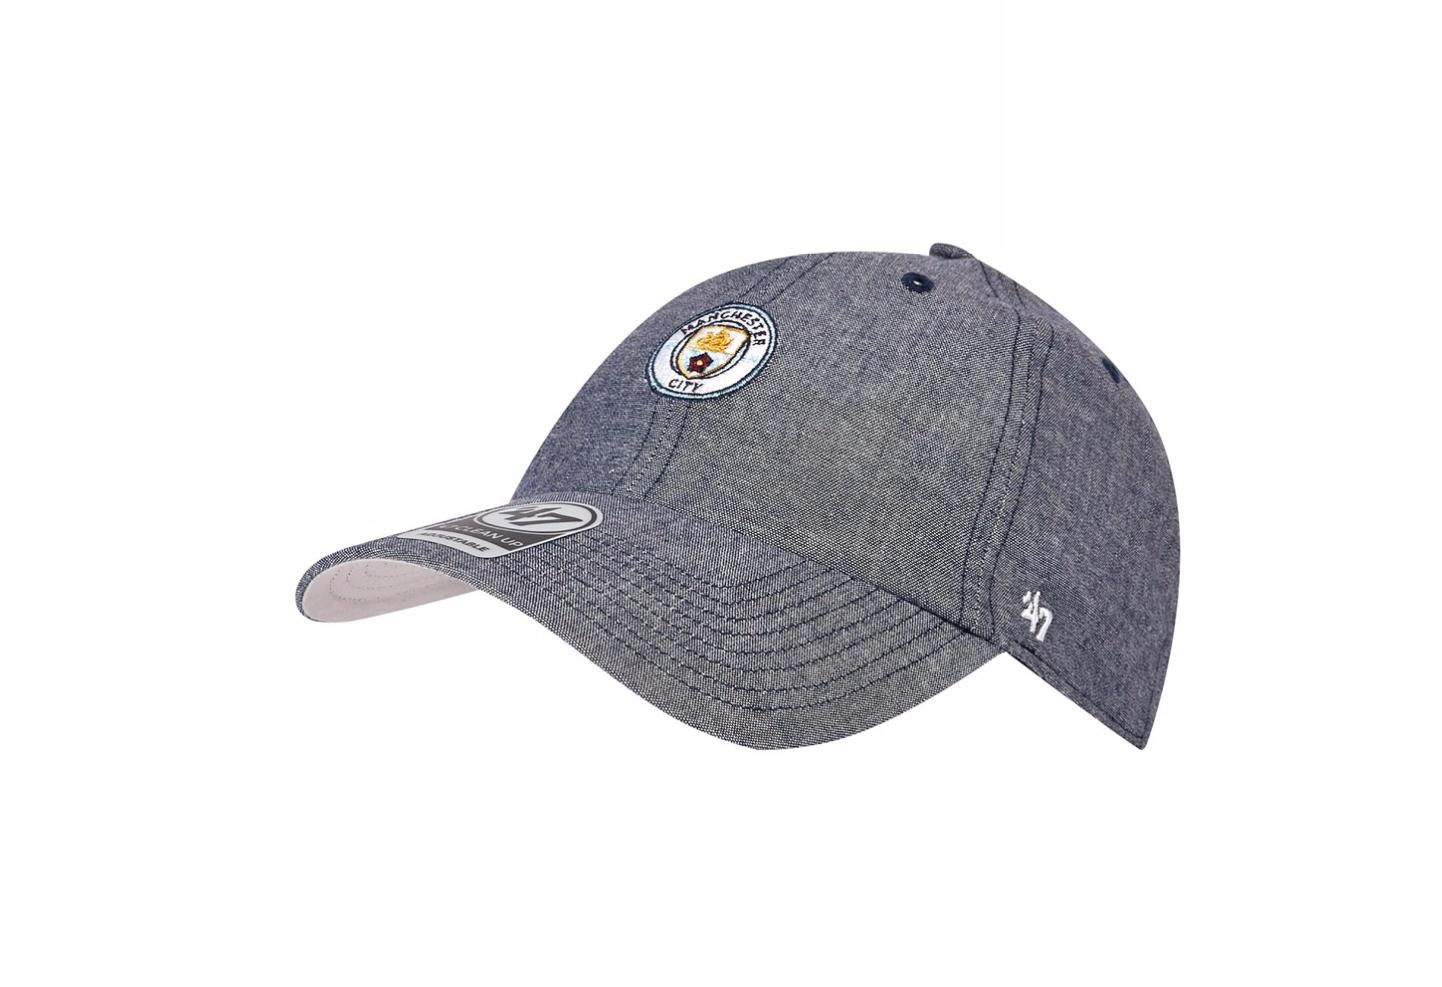 หมวกแมนเชสเตอร์ ซิตี้ 47 Monument Cap ของแท้